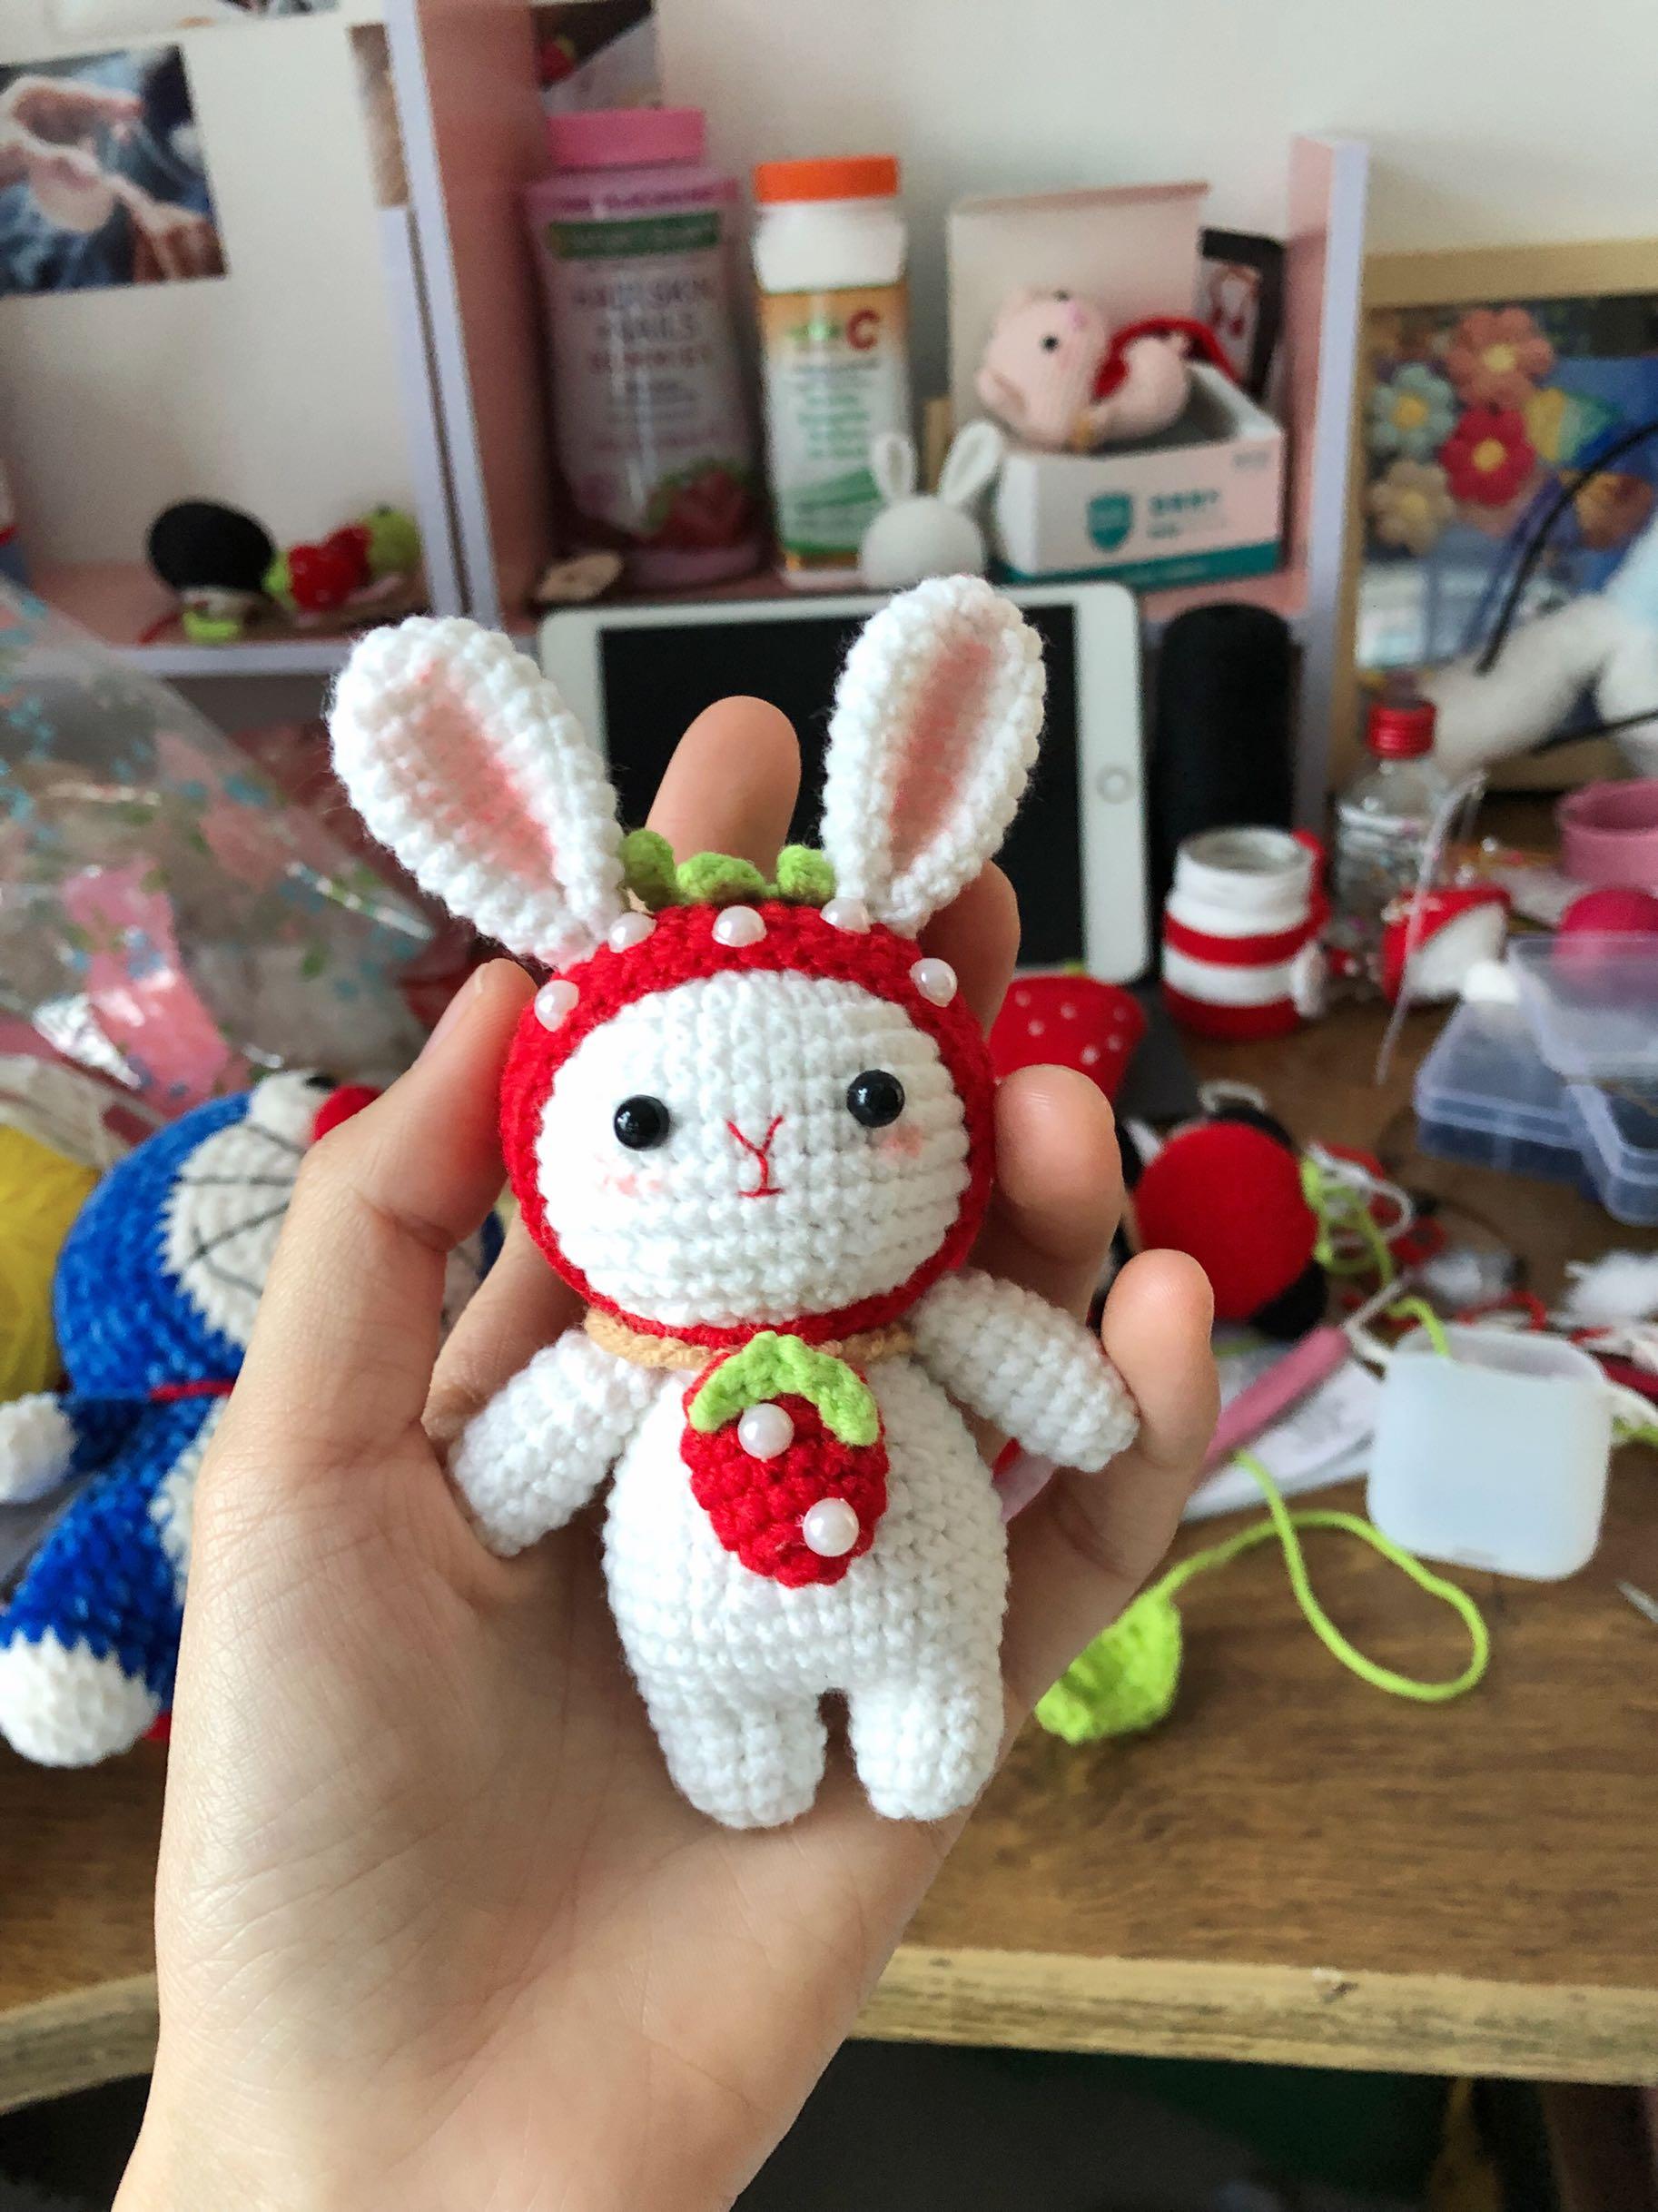 钥匙扣挂件 兔子熊猫情侣挂件 创意礼物 纯手工钩针成品 miu 小潘